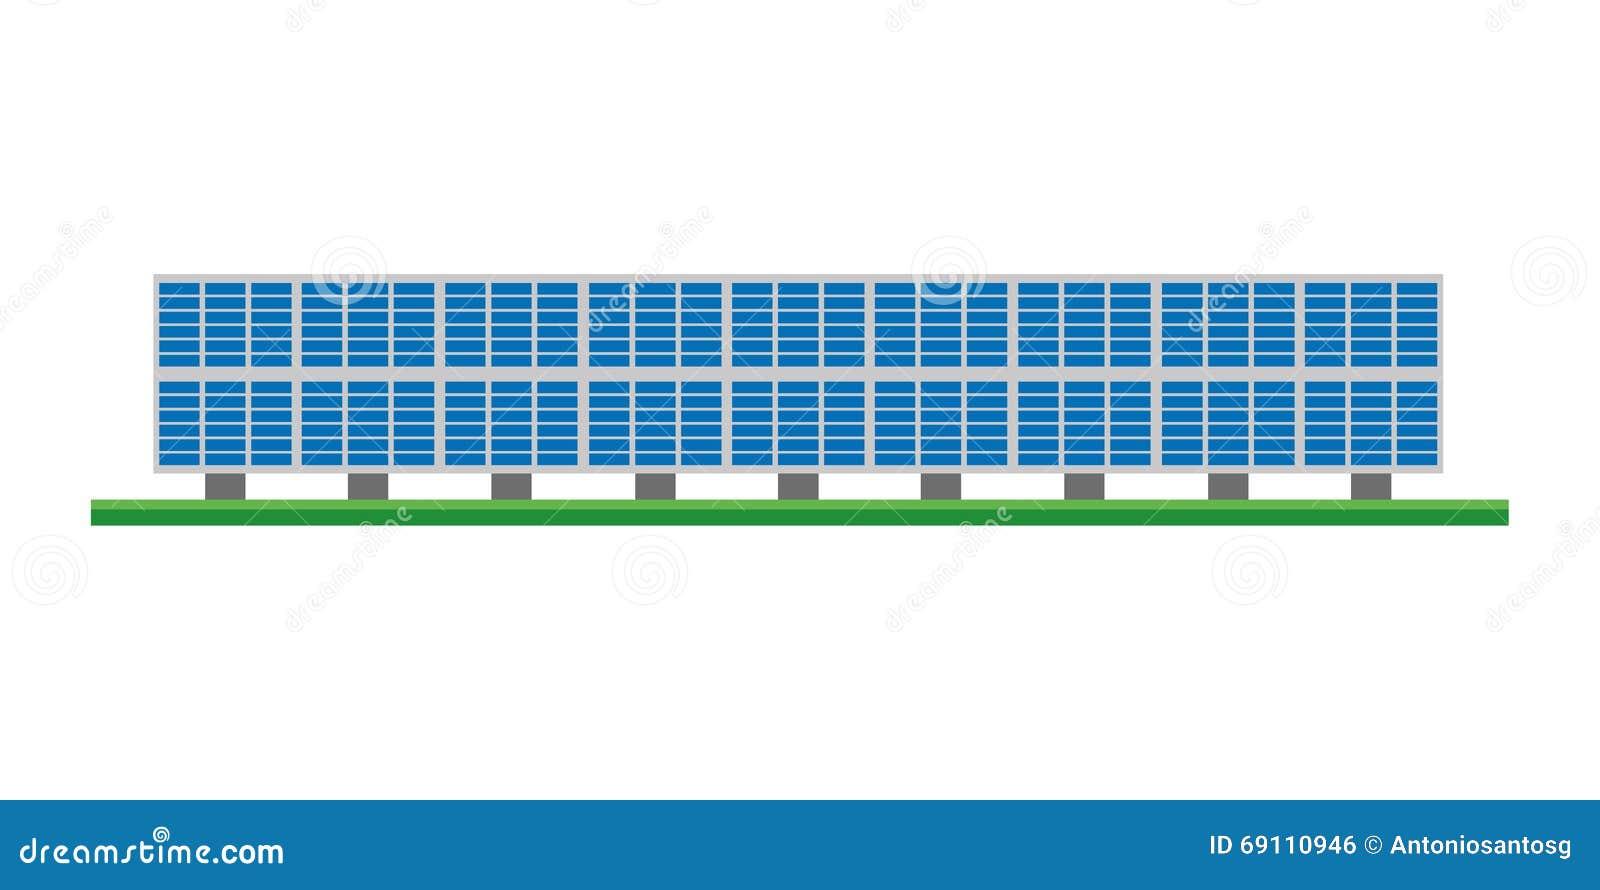 Cute Cartoon Vector Illustration Of A Solar Photovoltaic Power Plant ...